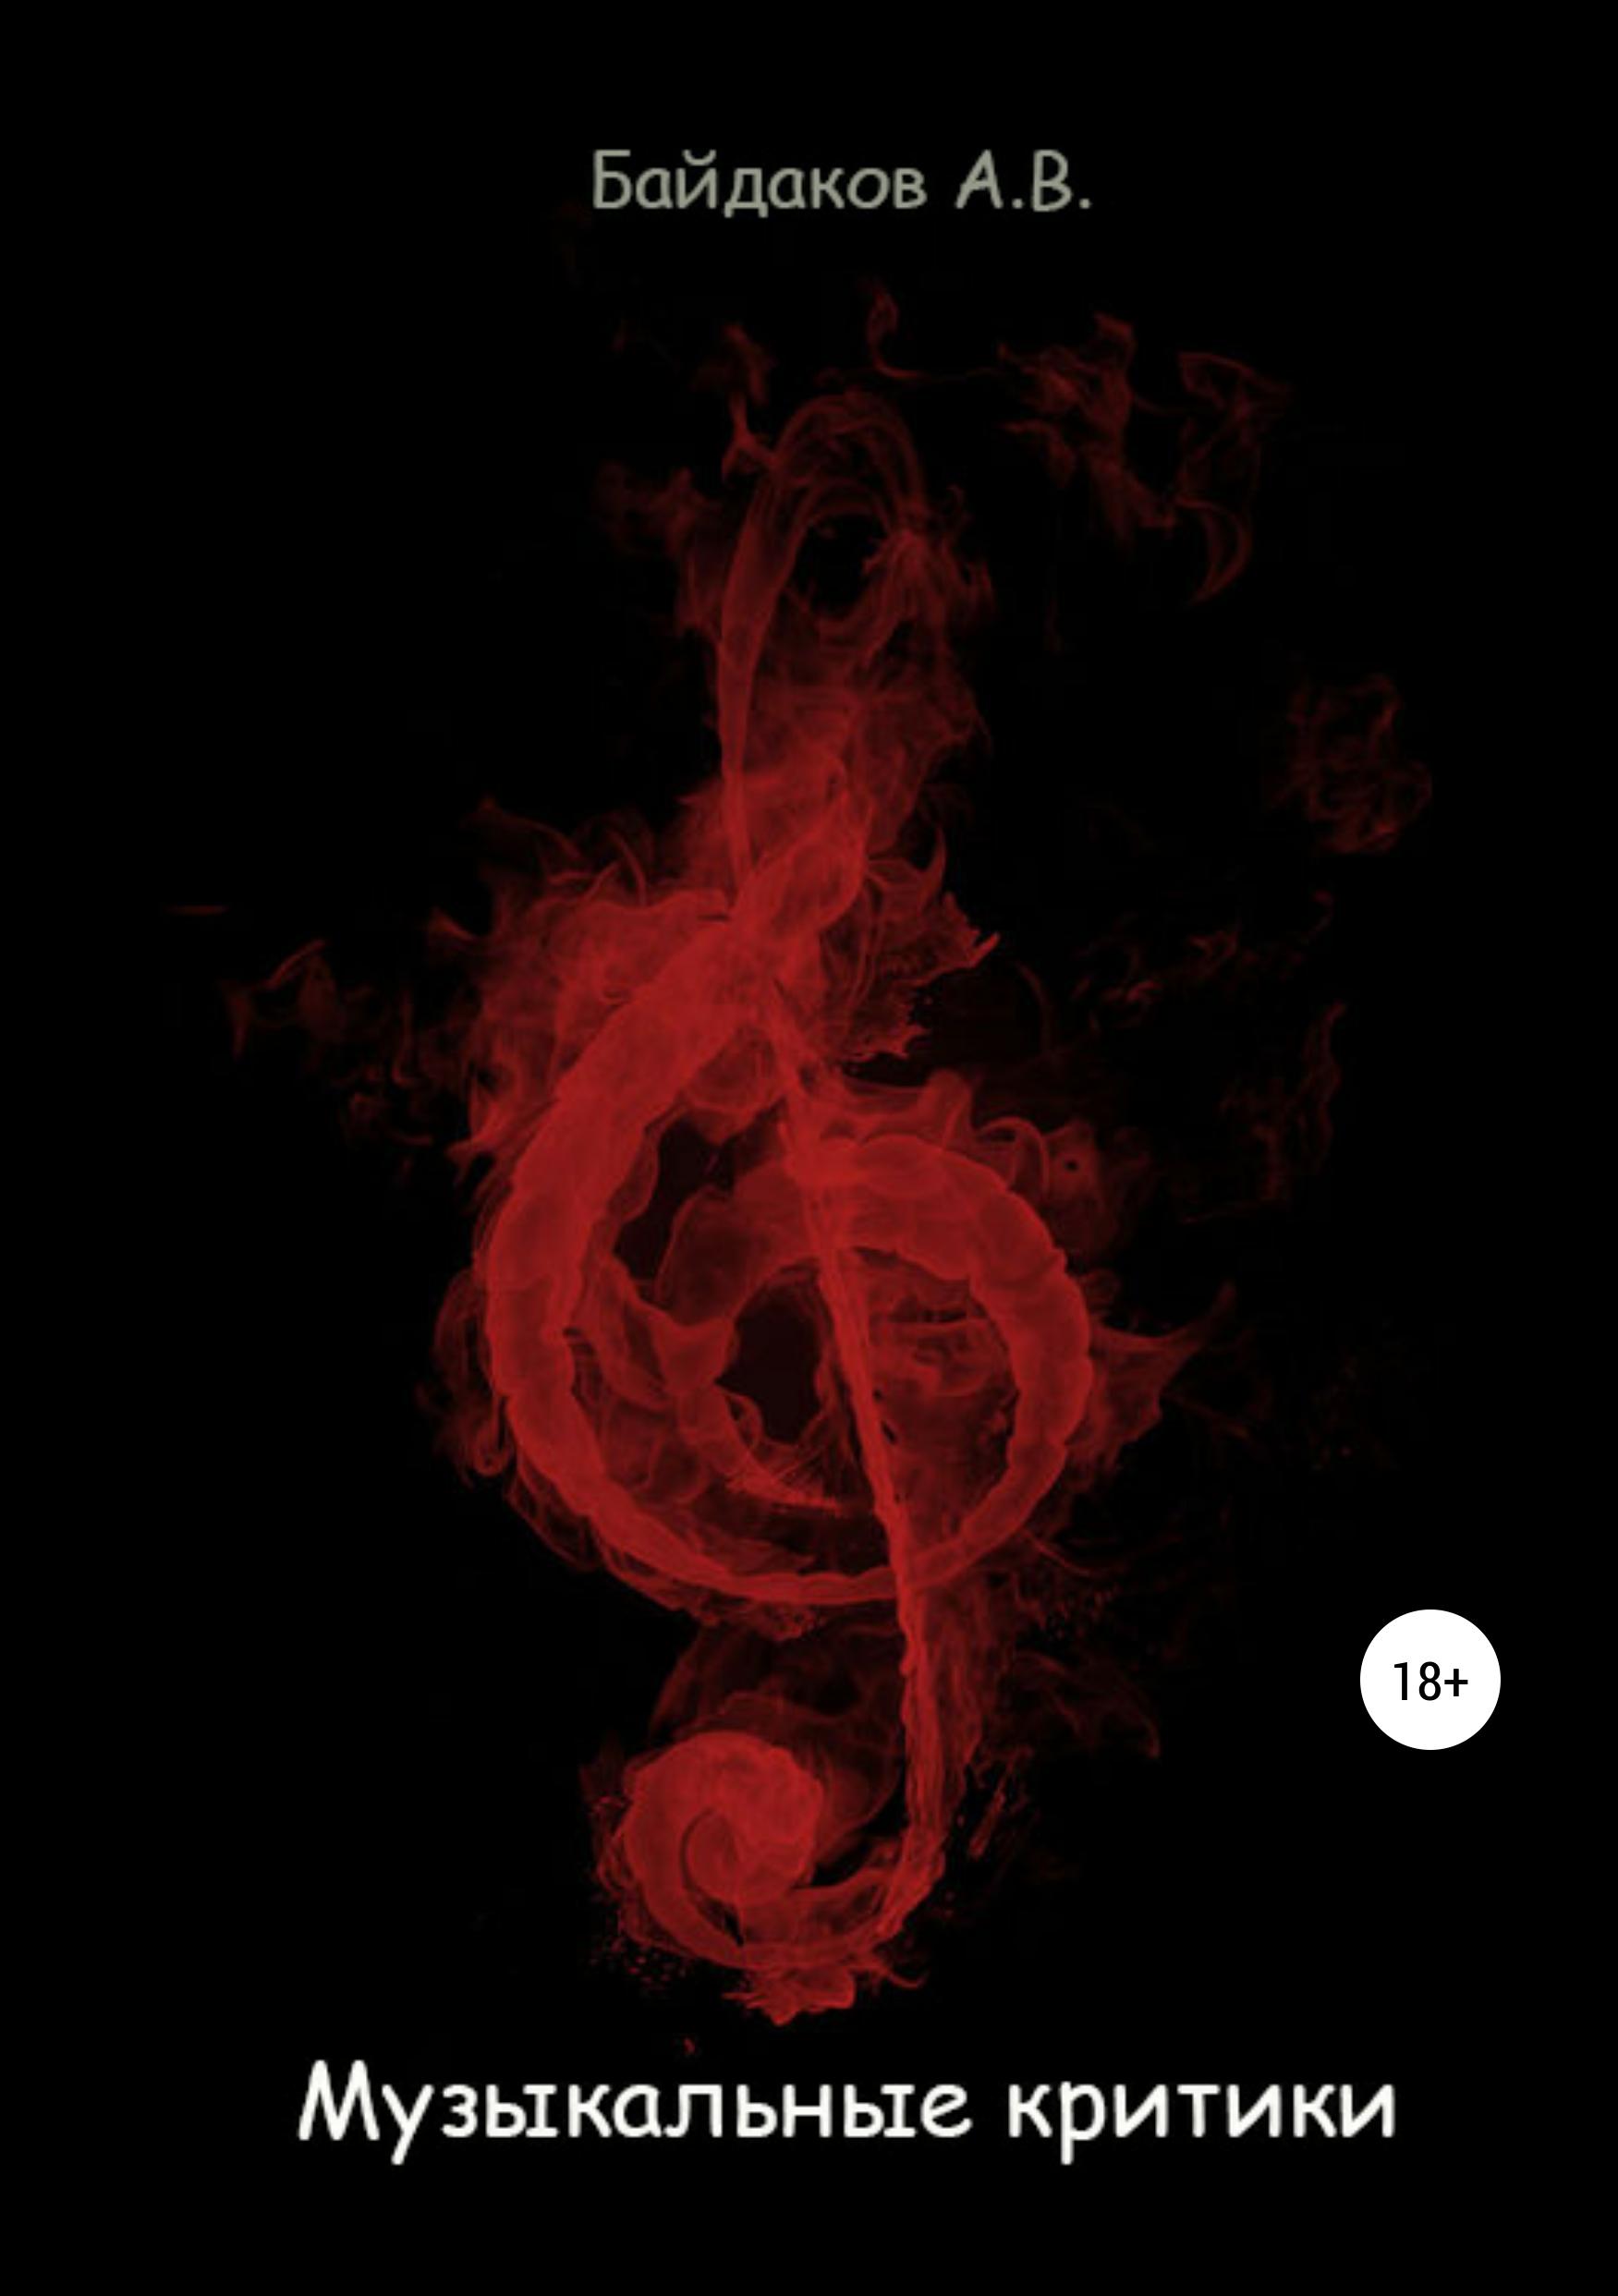 Музыкальные критики